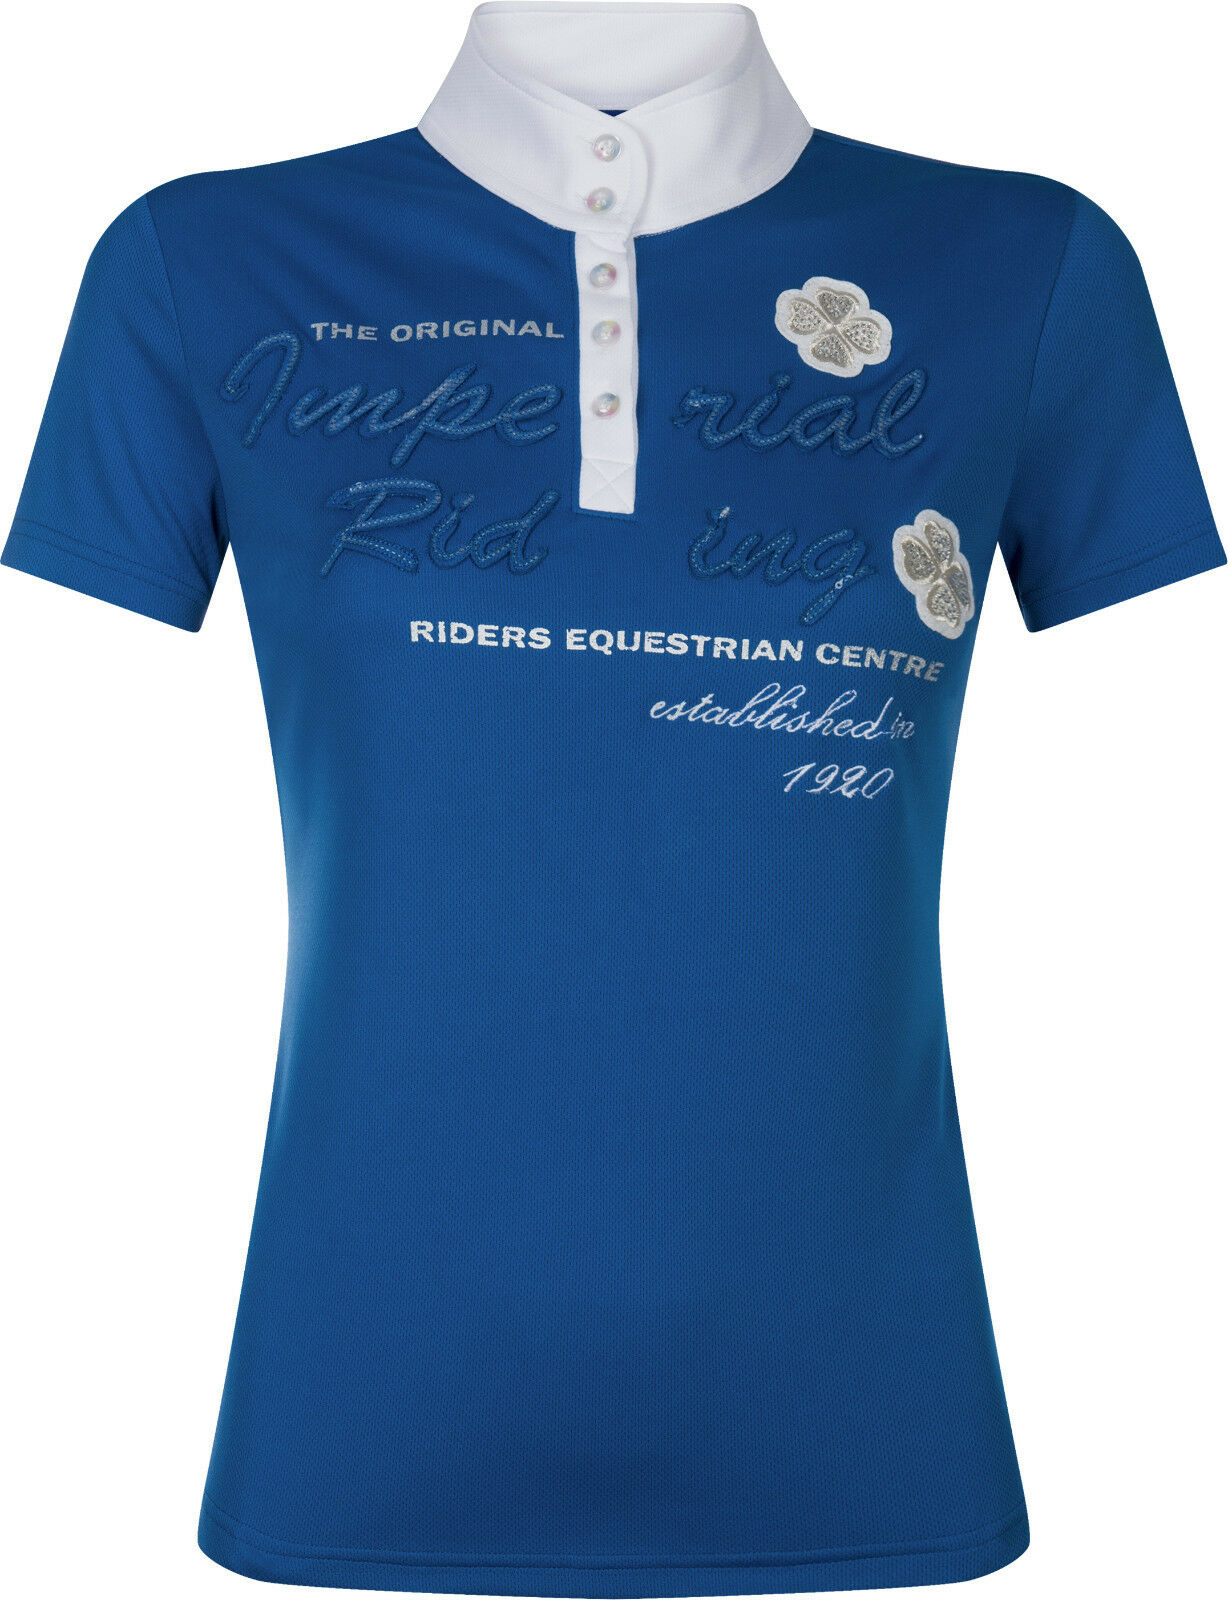 Imperial Riding señora señora señora torneo camisa manga corta diadeem cuello alto pedrería azul  Hay más marcas de productos de alta calidad.